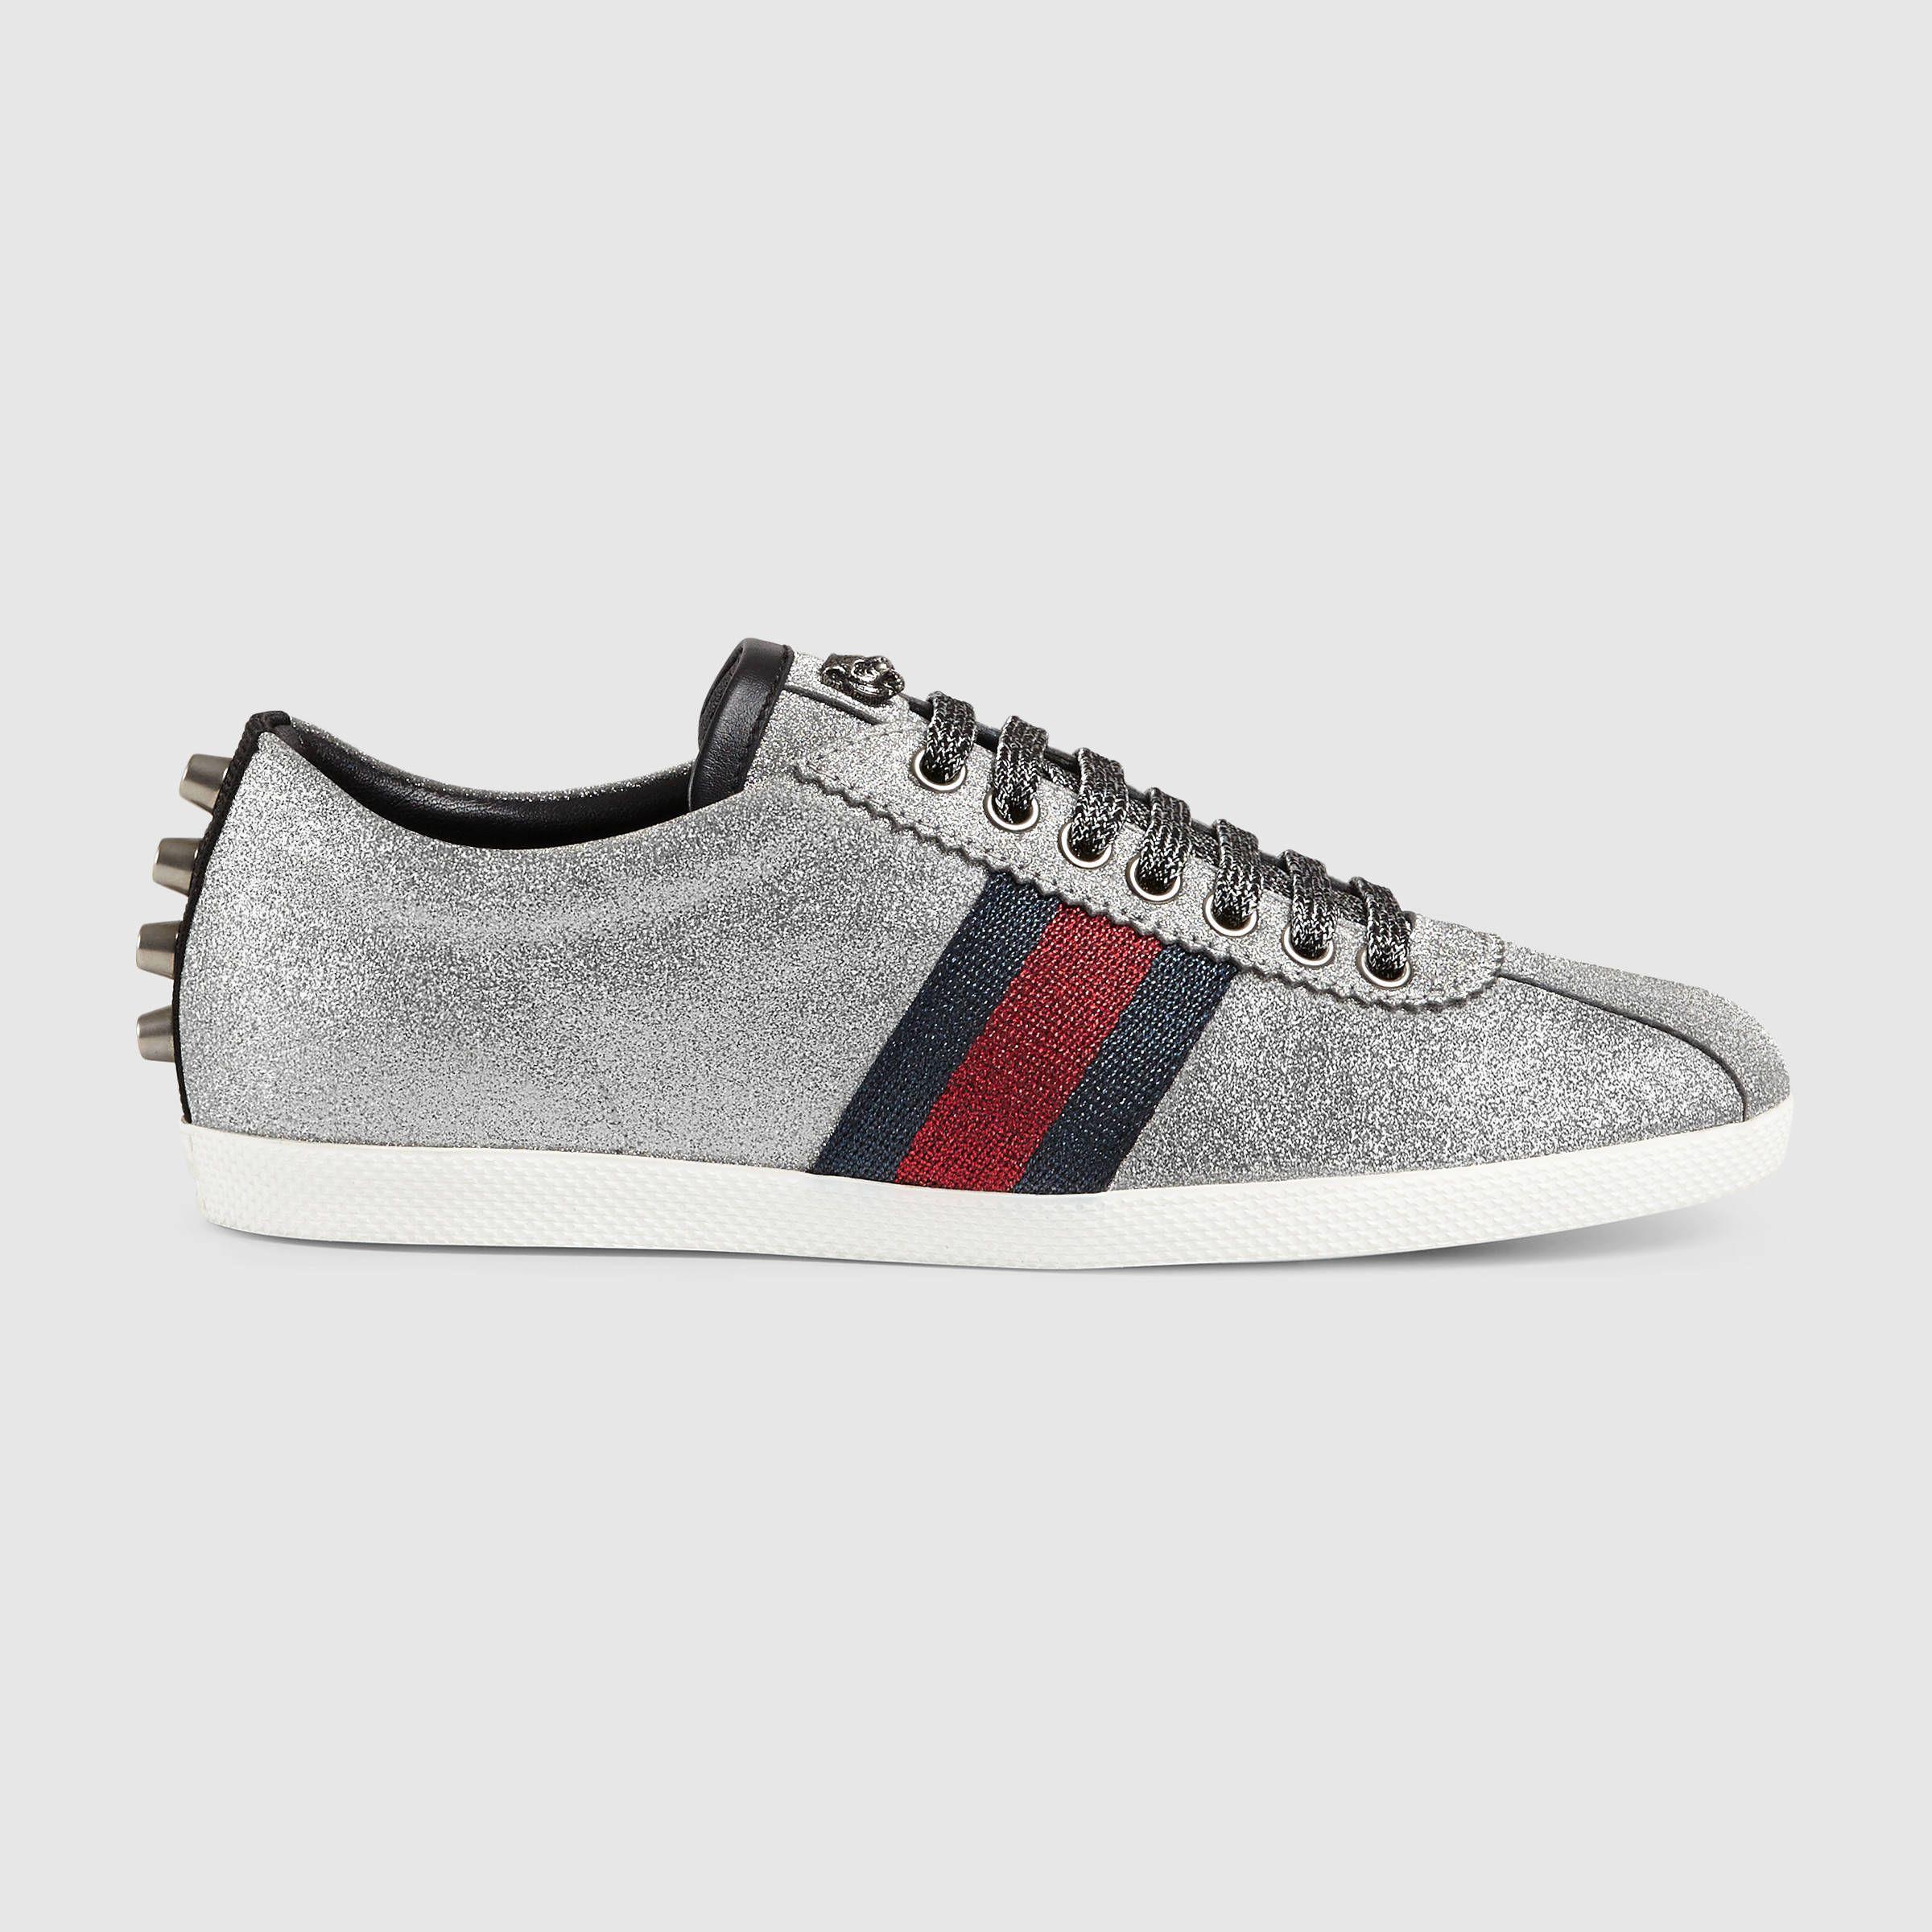 Sneaker Mit Glitzer Nieten Und Webdetail Lederschuhe Damen Turnschuhe Damen Rote Glitzer Schuhe